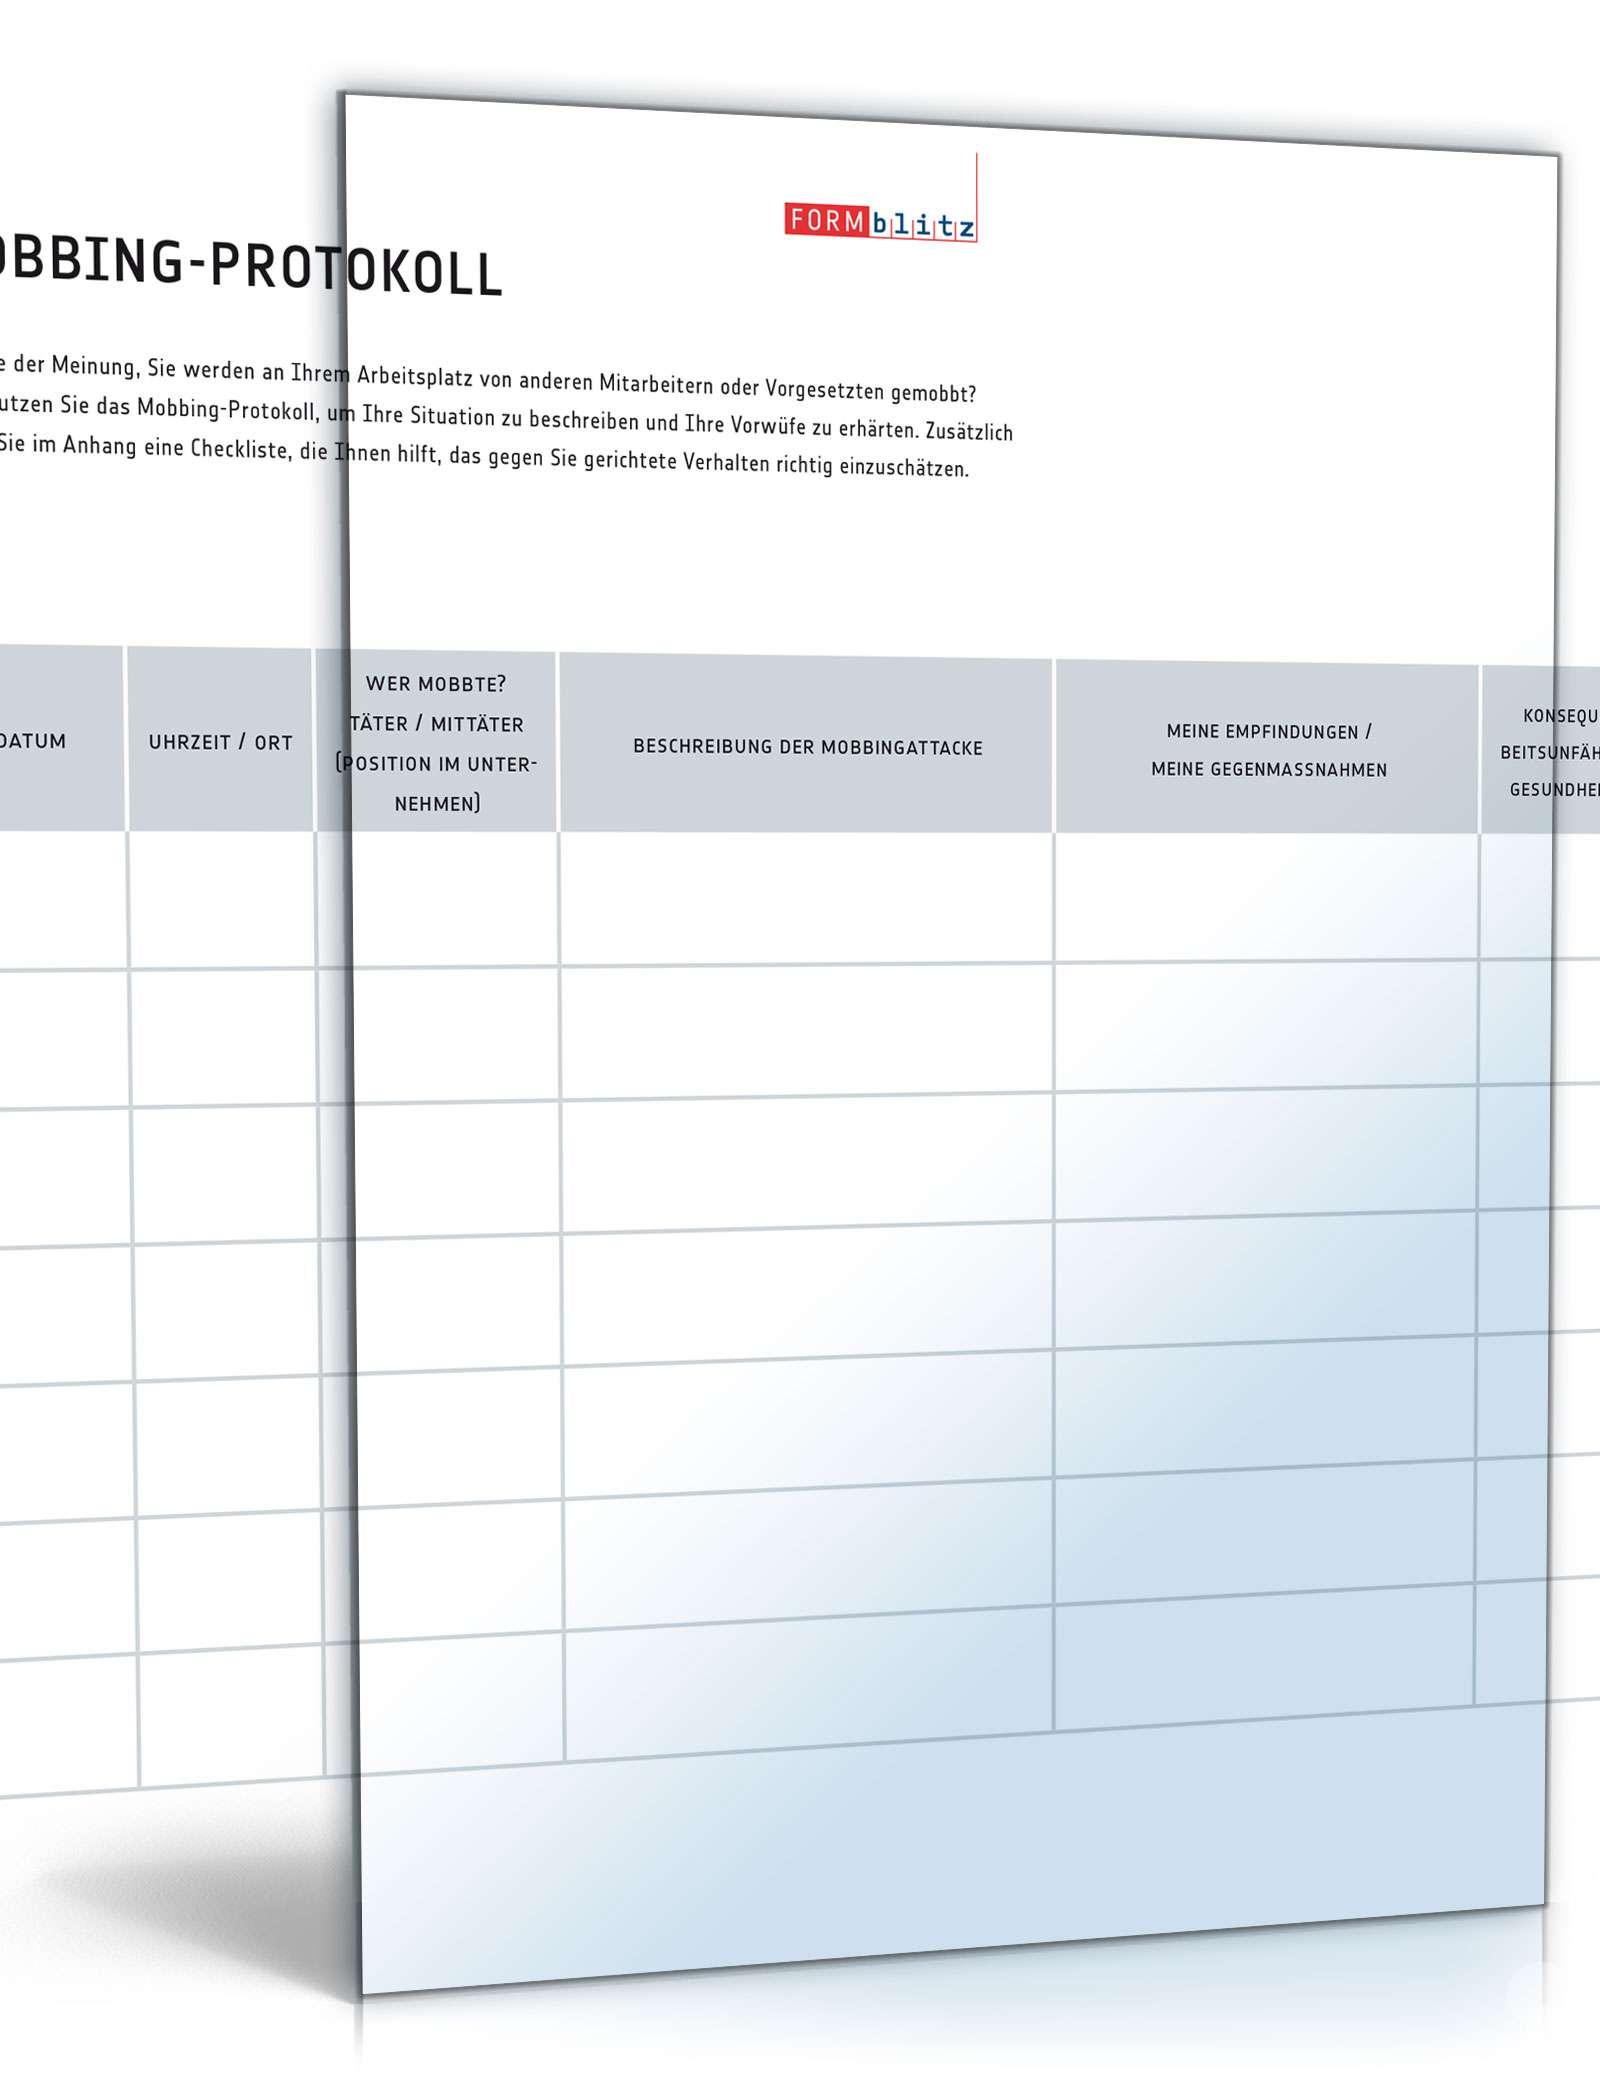 mobbing protokoll mit checkliste - Protokoll Muster